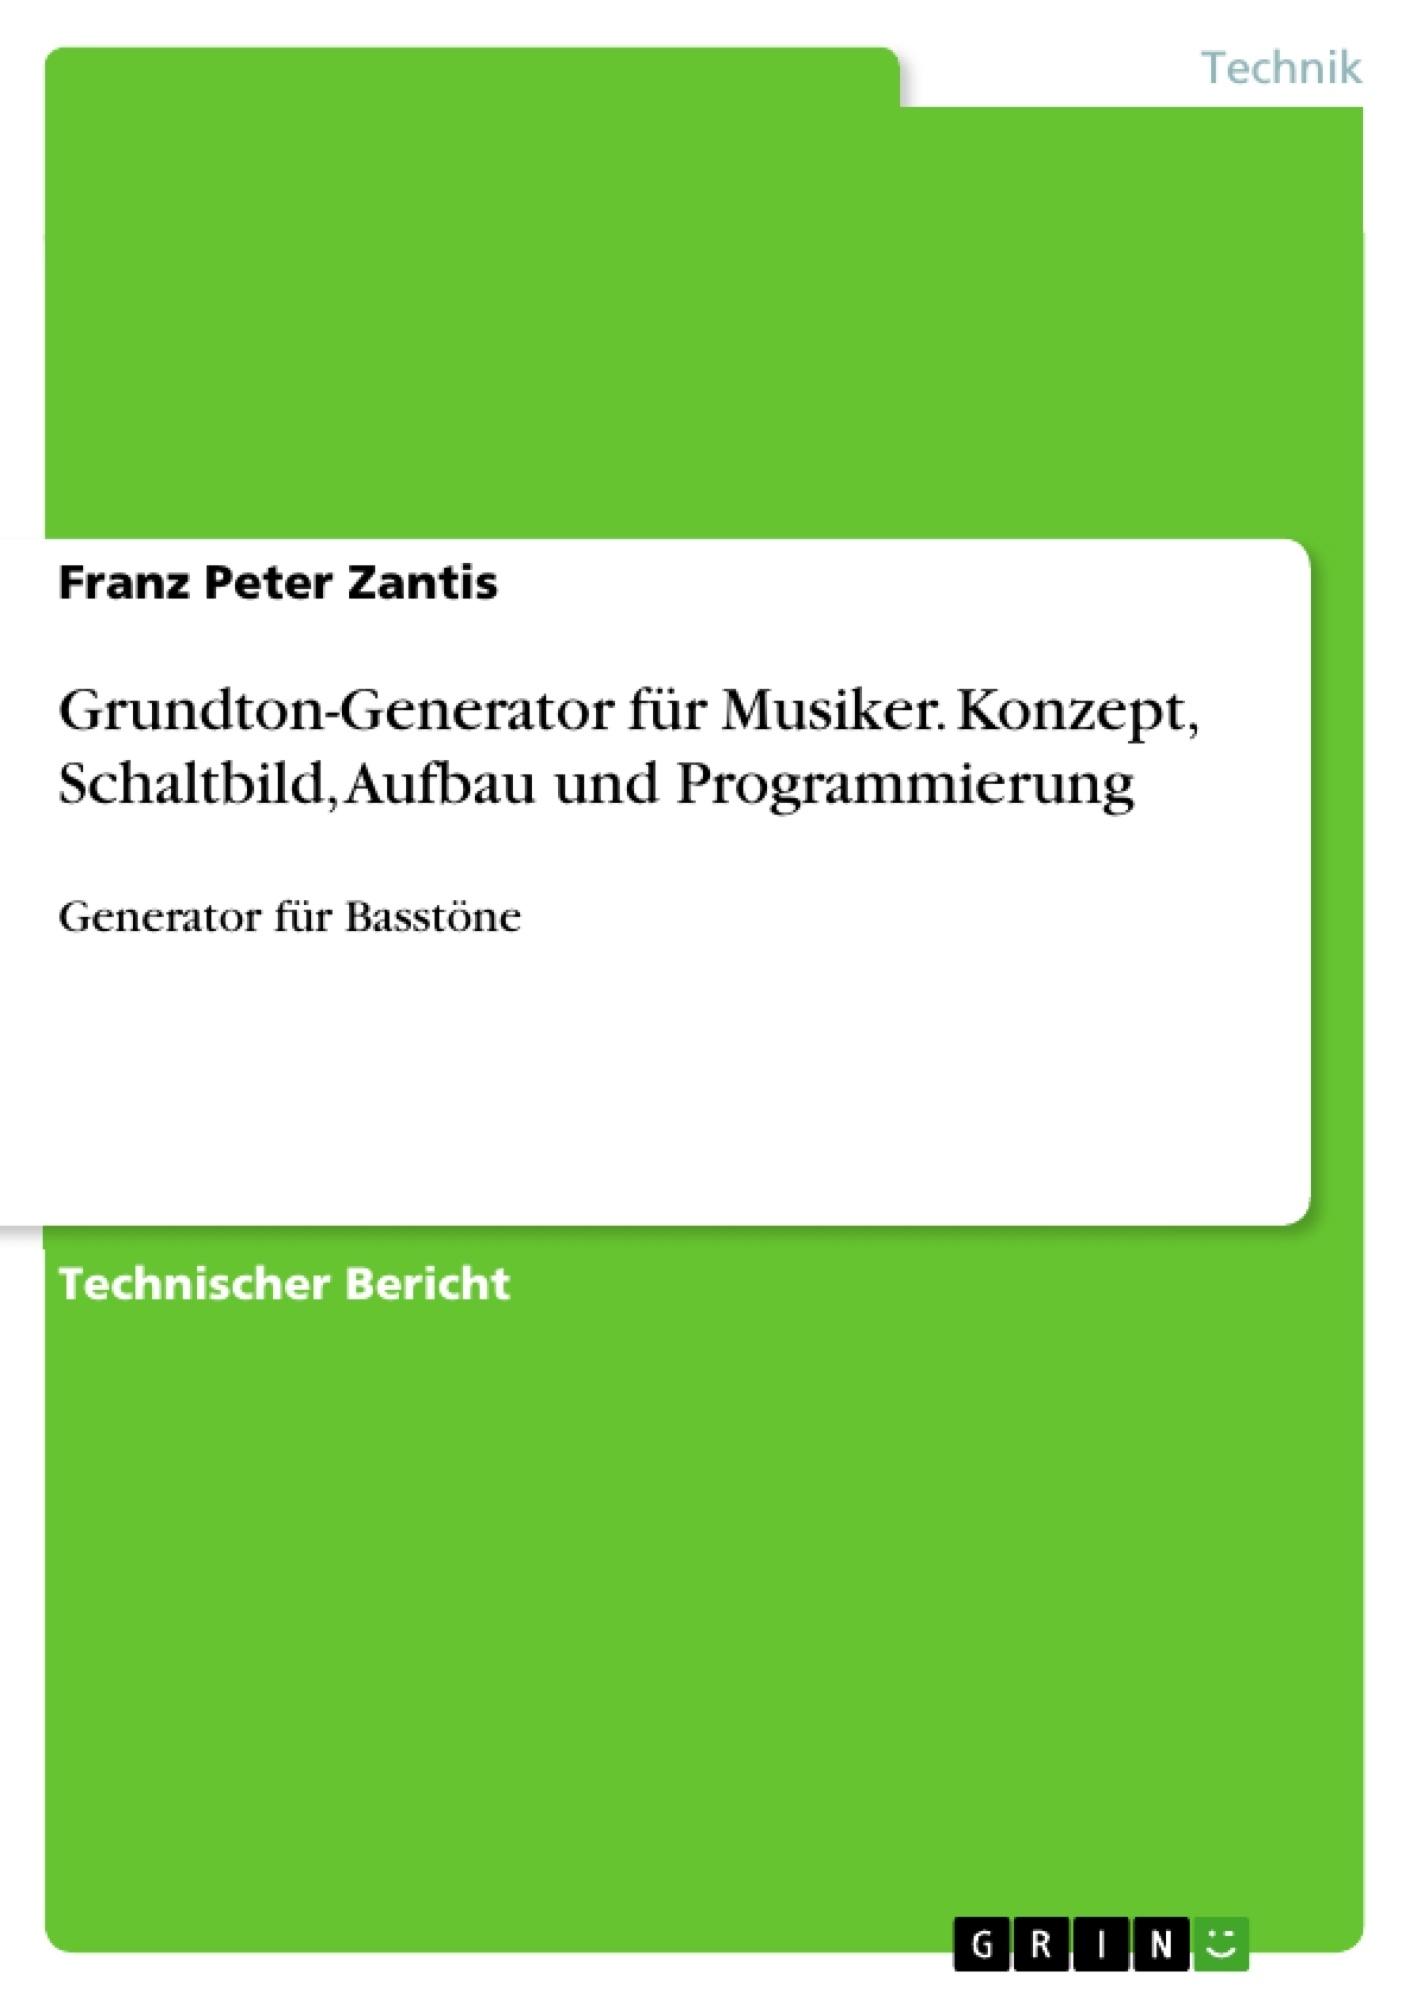 Titel: Grundton-Generator für Musiker. Konzept, Schaltbild, Aufbau und Programmierung